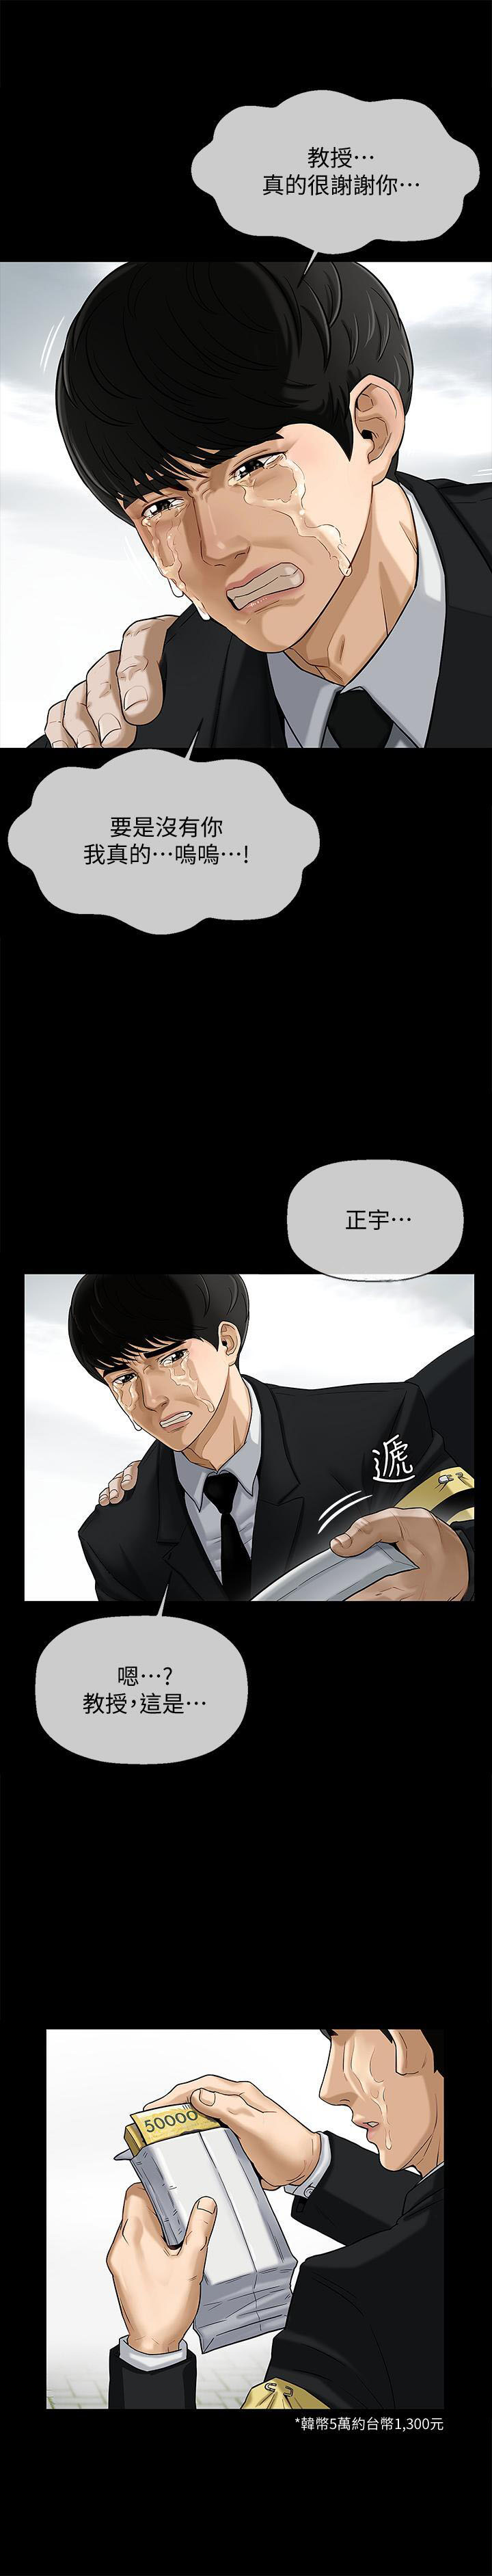 腹黑老师-漫画汉化版下拉式在线阅读_最新连载更新至68话-啵乐漫画